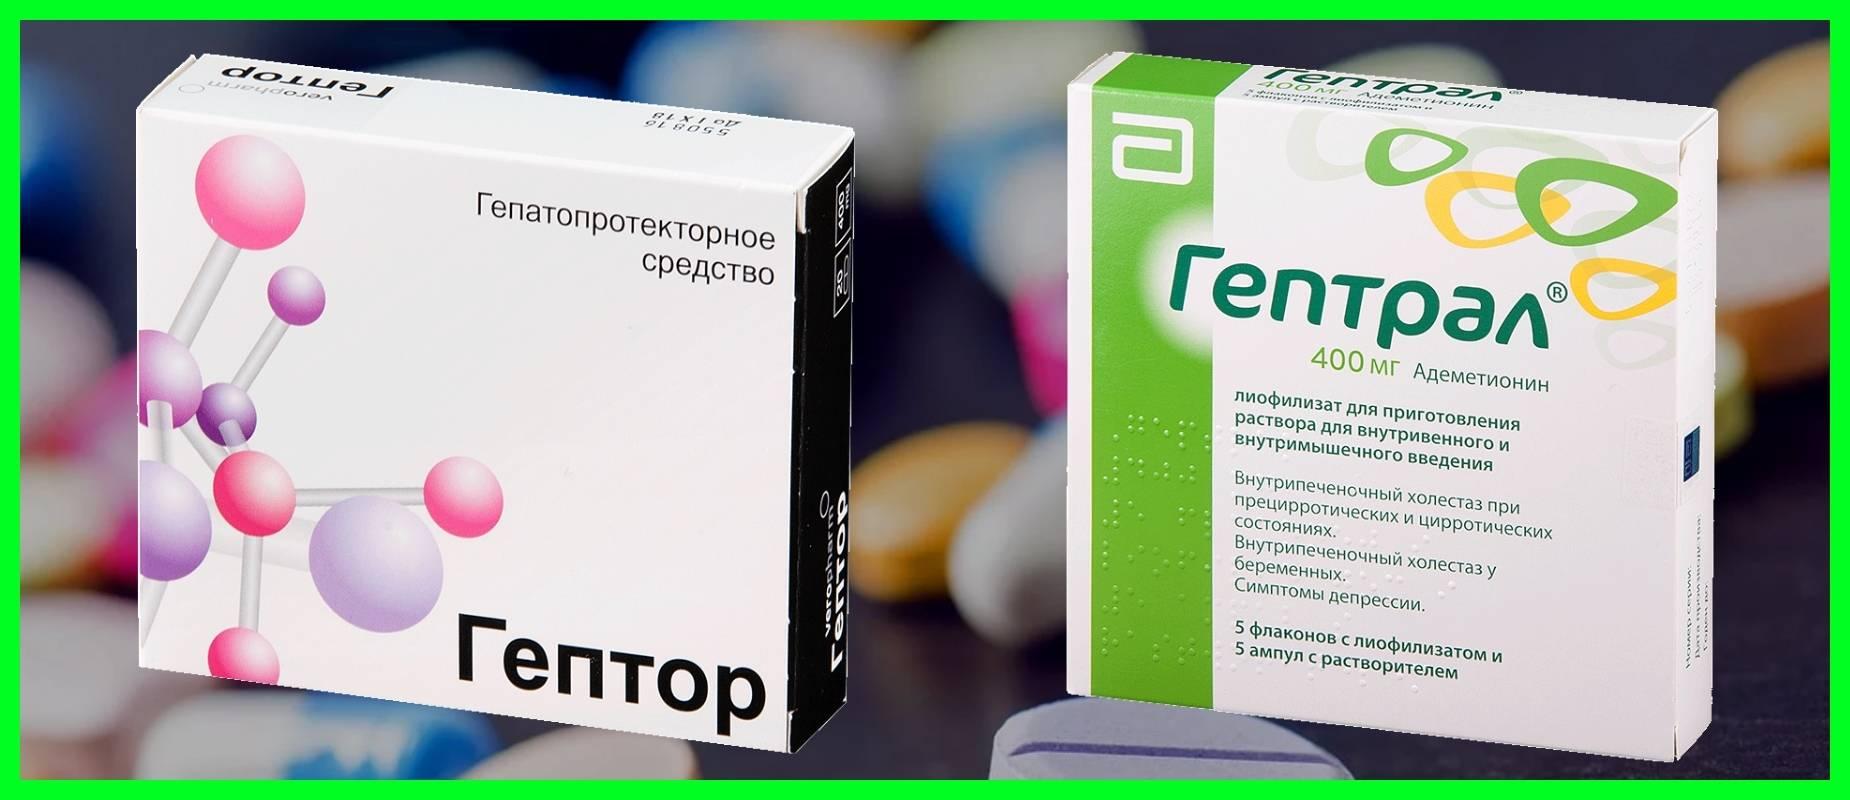 Что эффективнее, Гептрал или Гептор, в чем разница между препаратами?